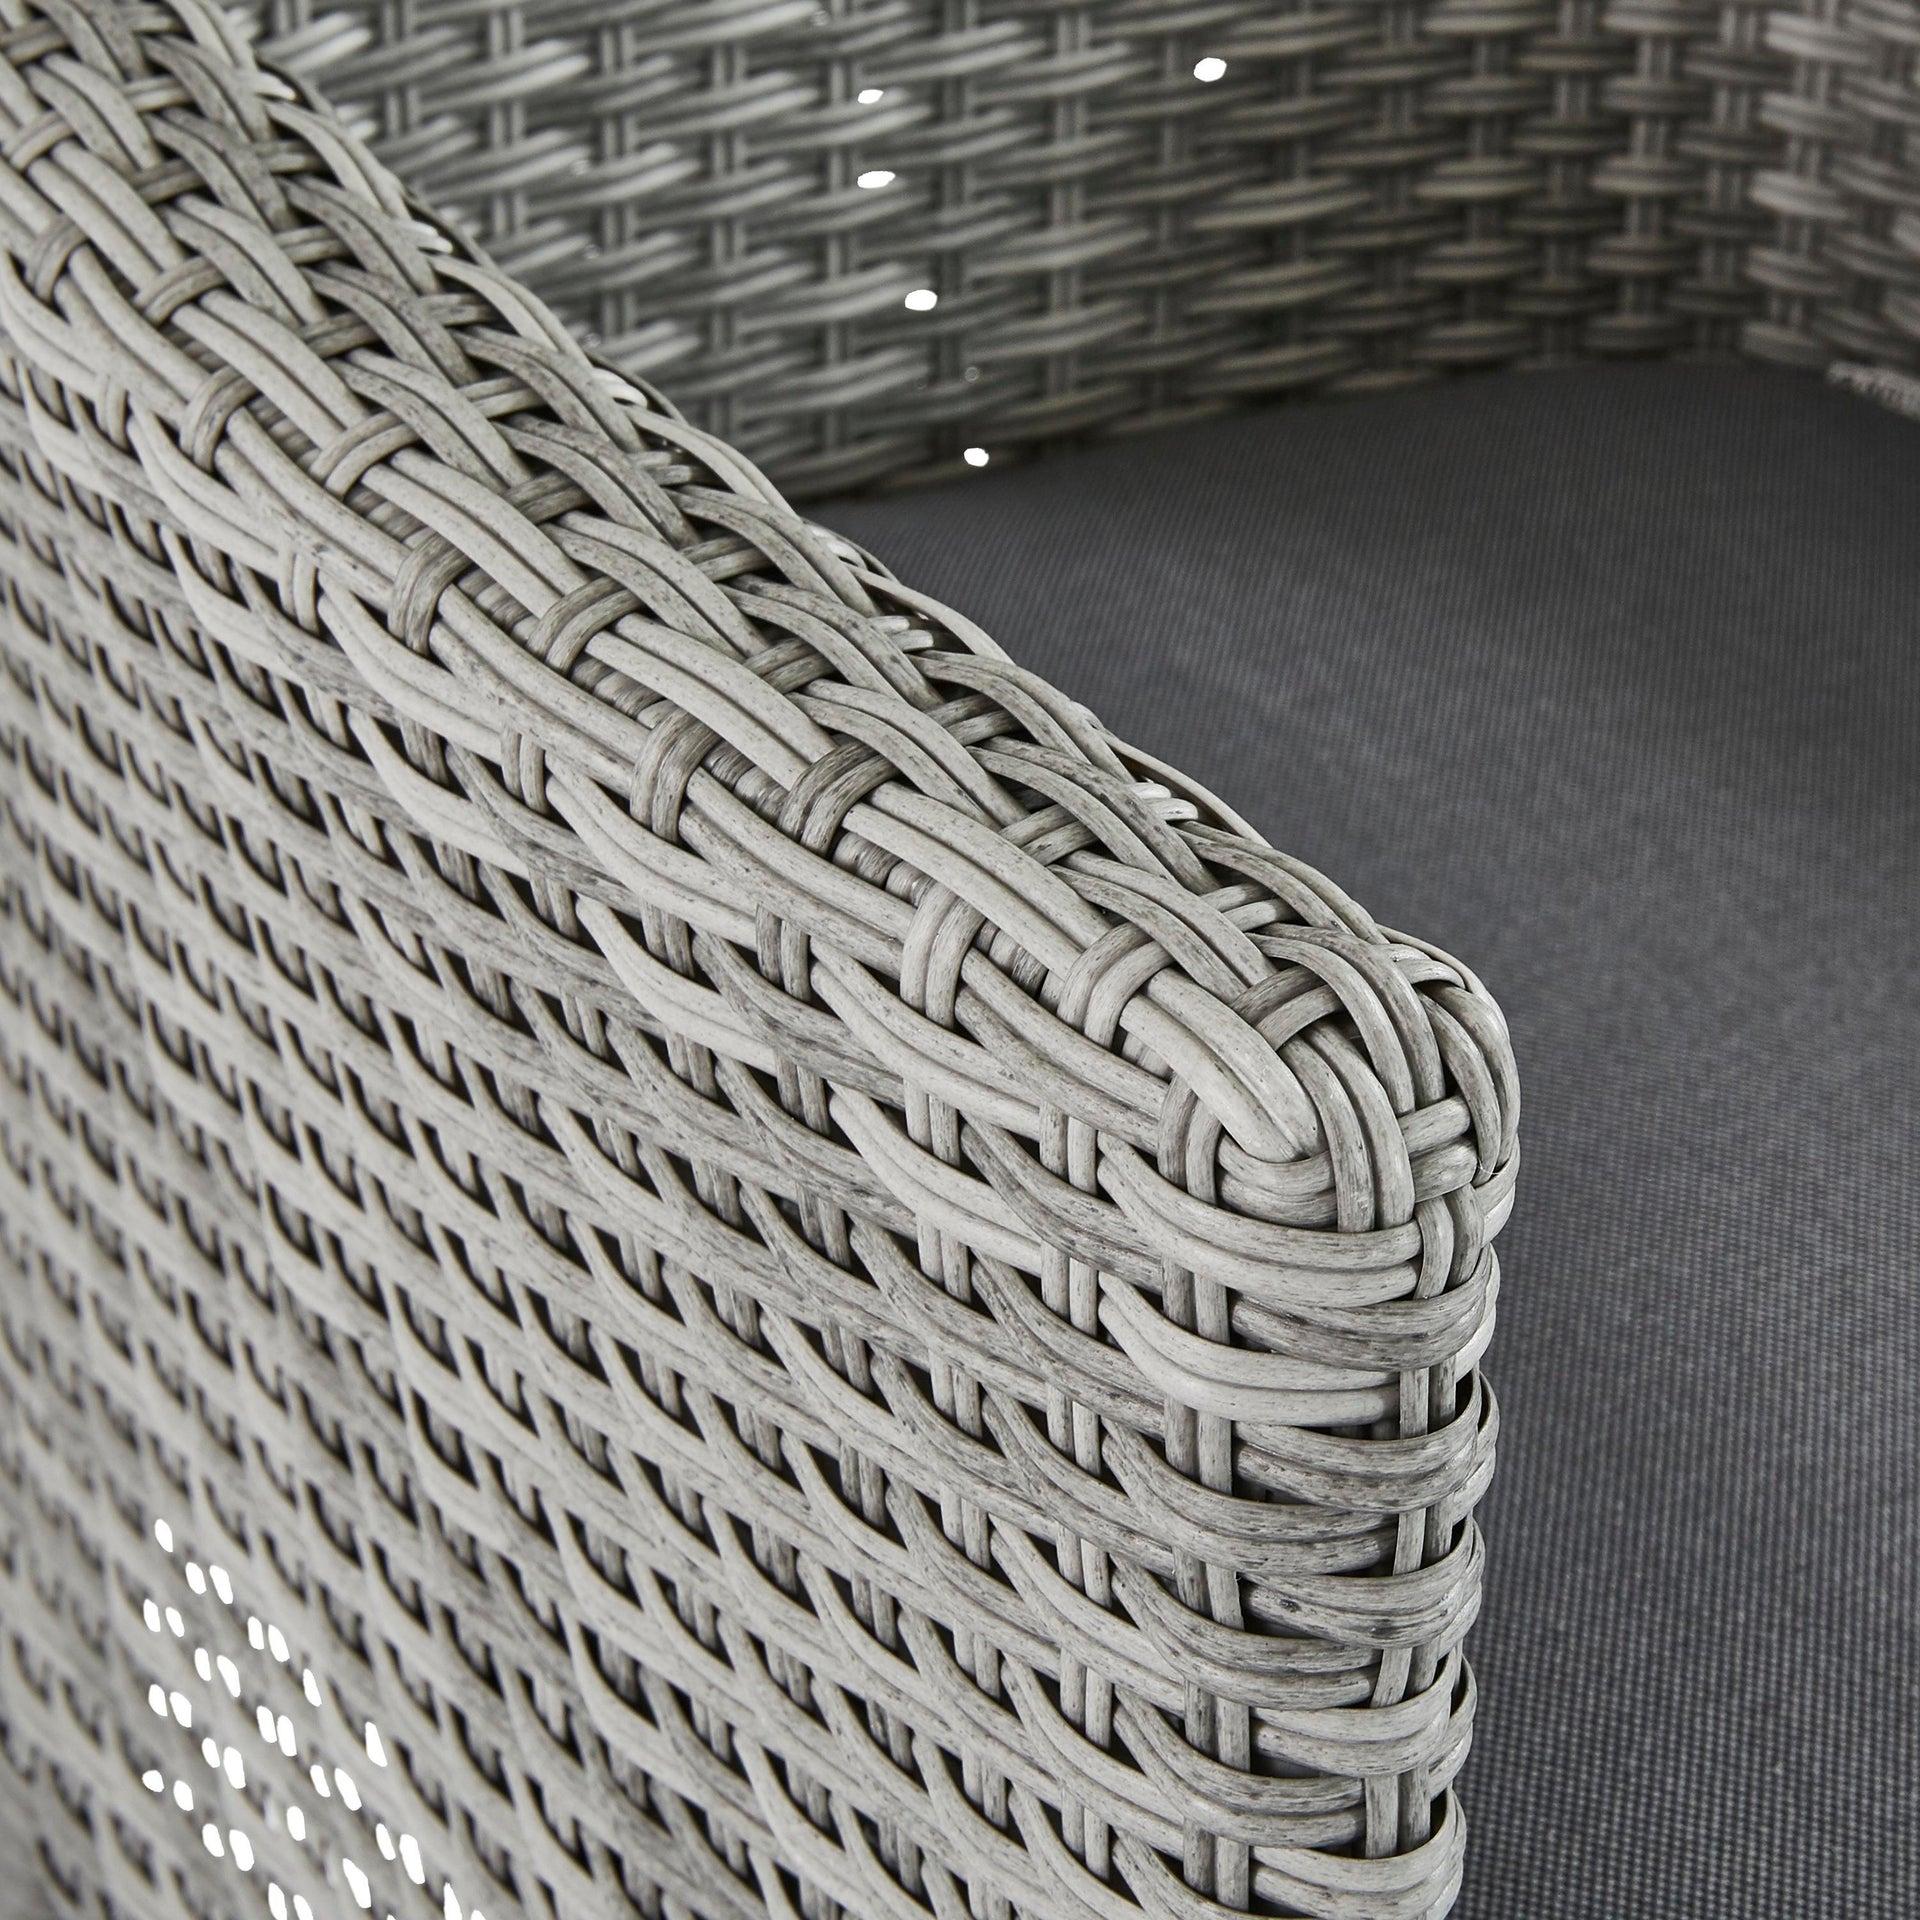 Poltrona da giardino con cuscino in alluminio Davos NATERIAL colore antracite - 6